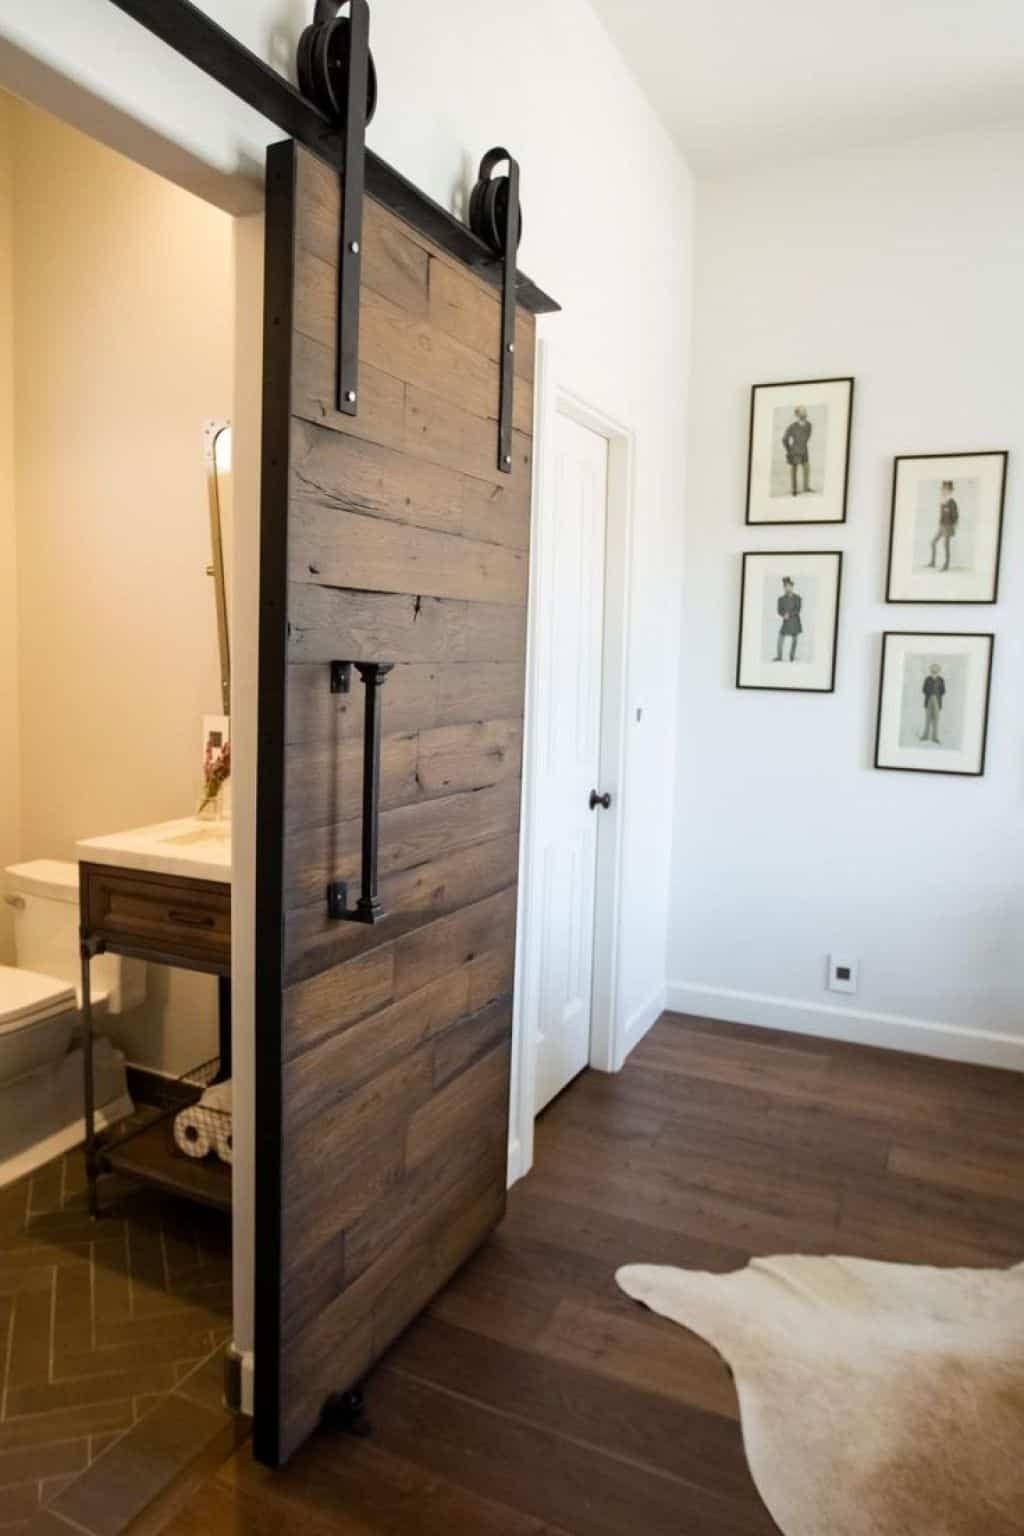 Fix A Squeaky Sliding Door In Your House With Images Bedroom Barn Door Barn Door Designs Bathroom Remodel Cost